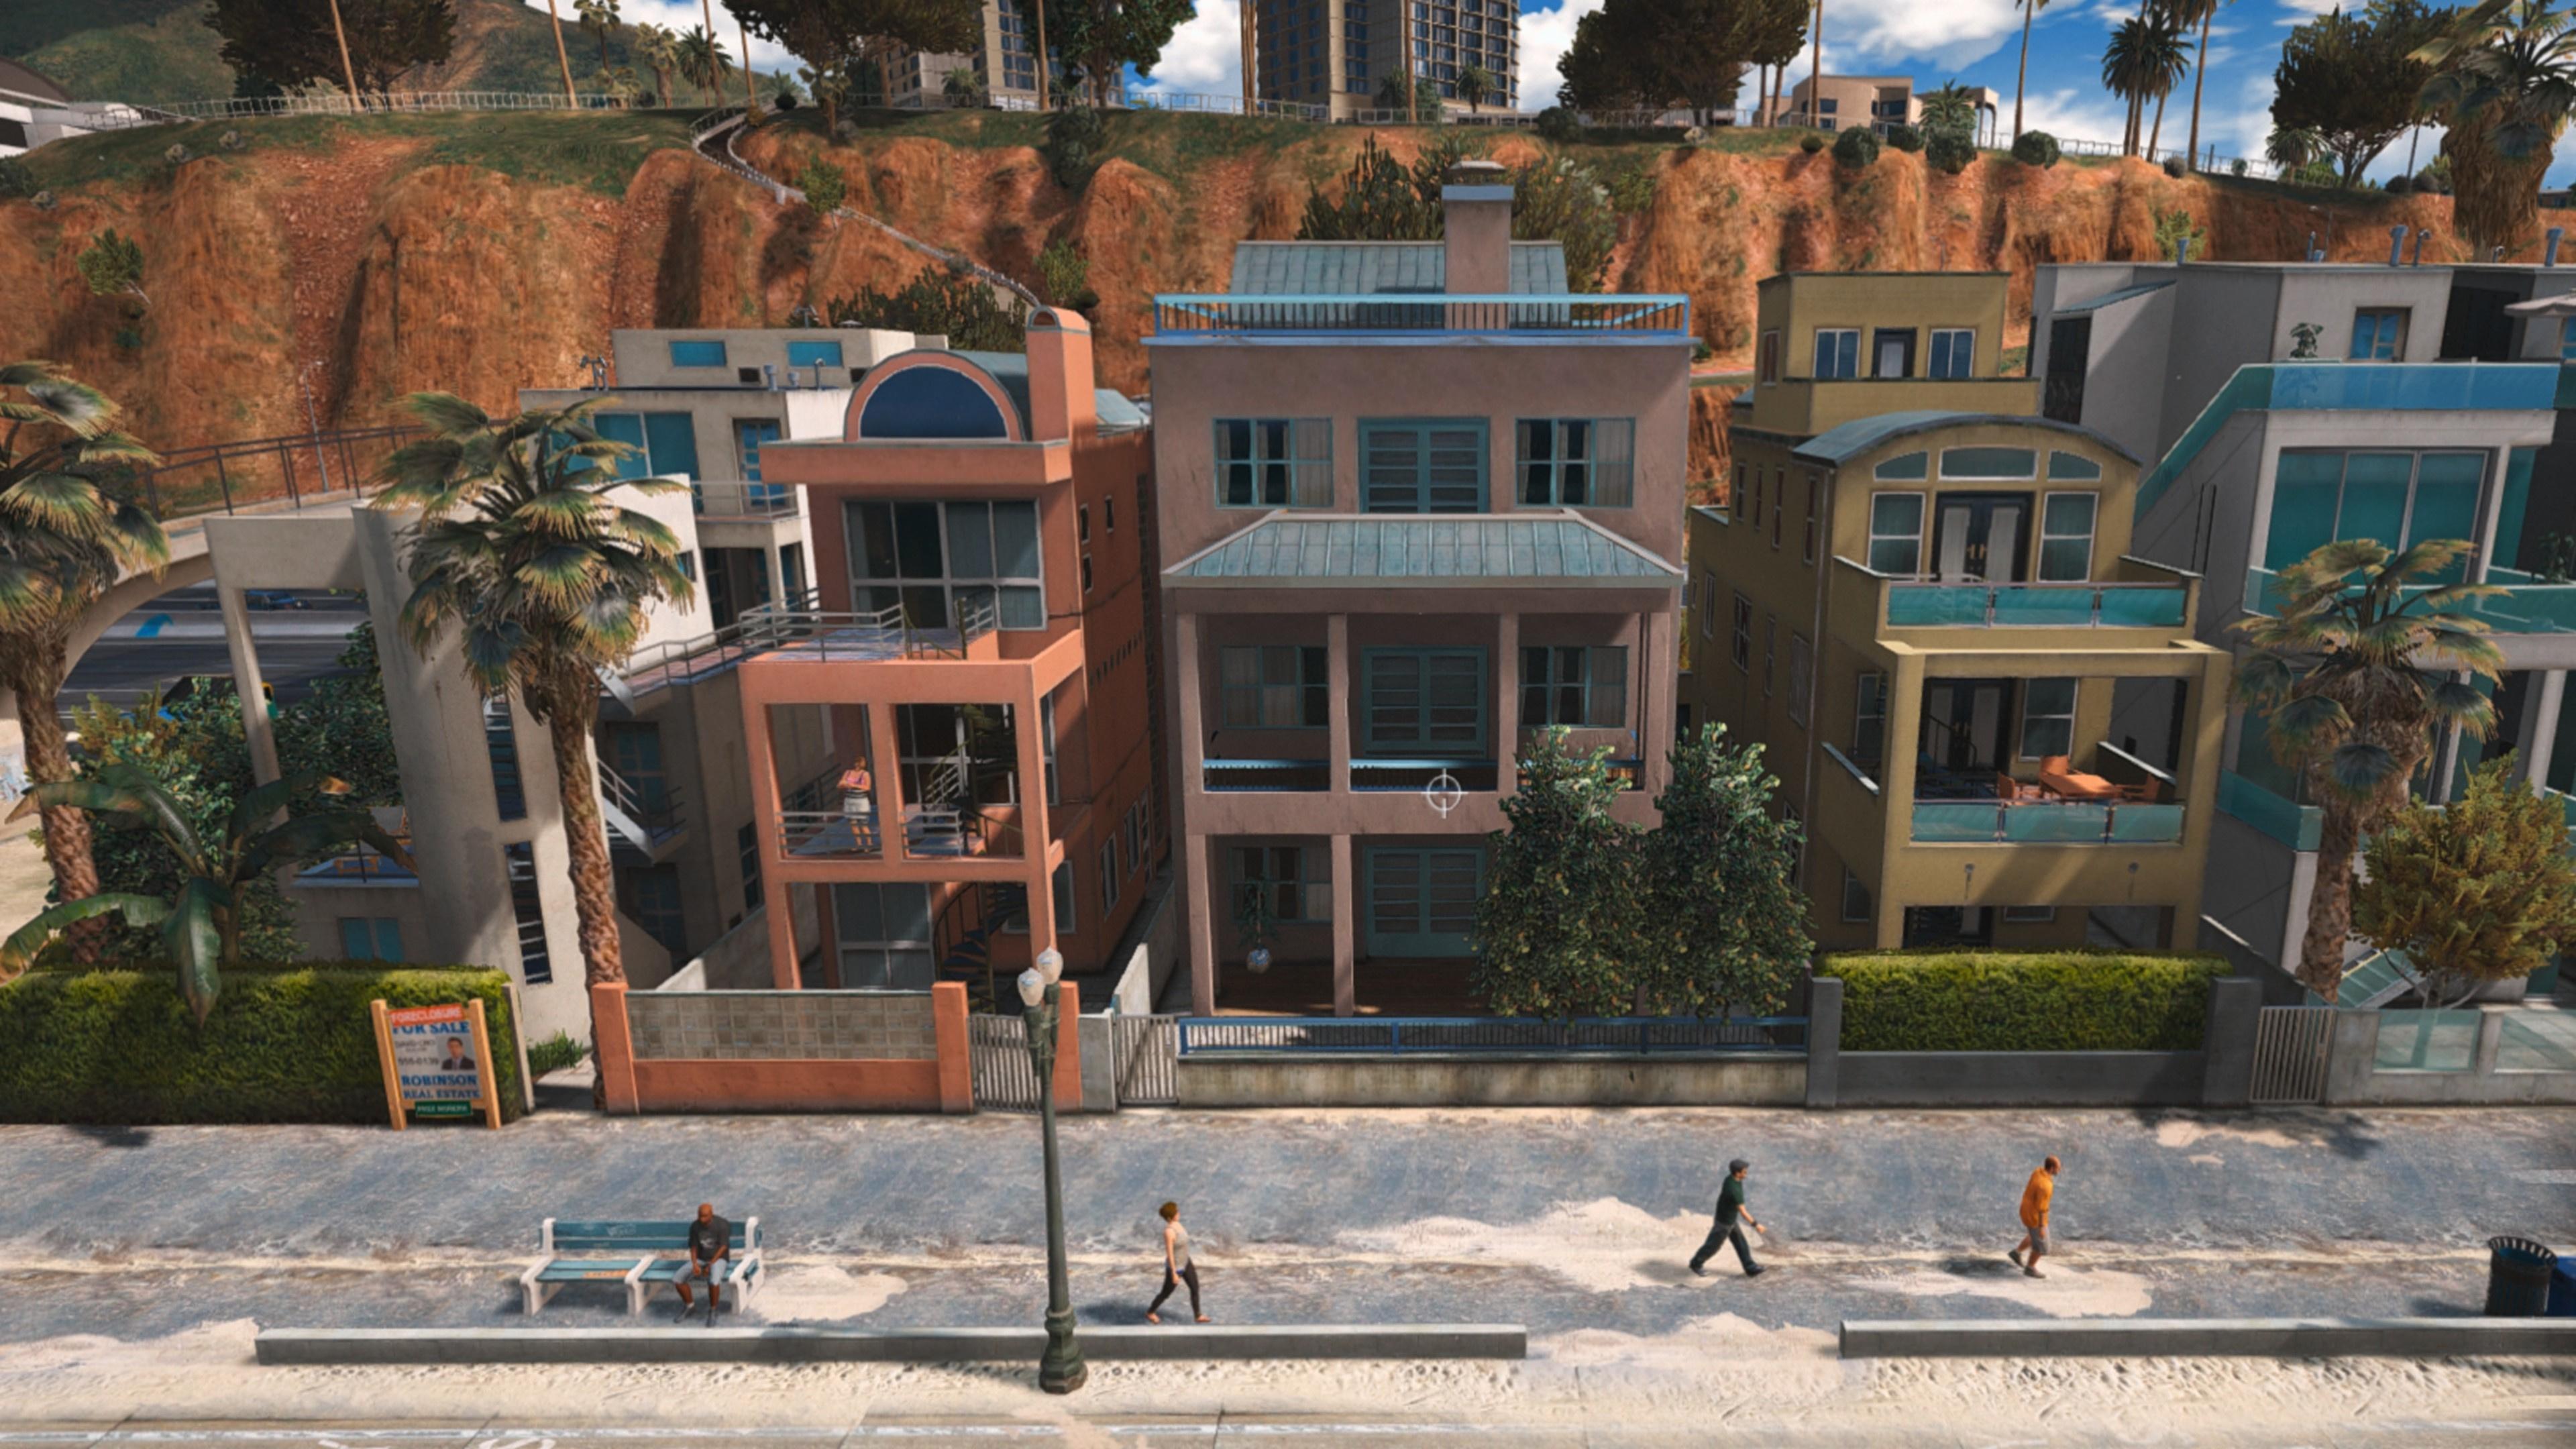 Apartment venice beach - GTA5-Mods.com